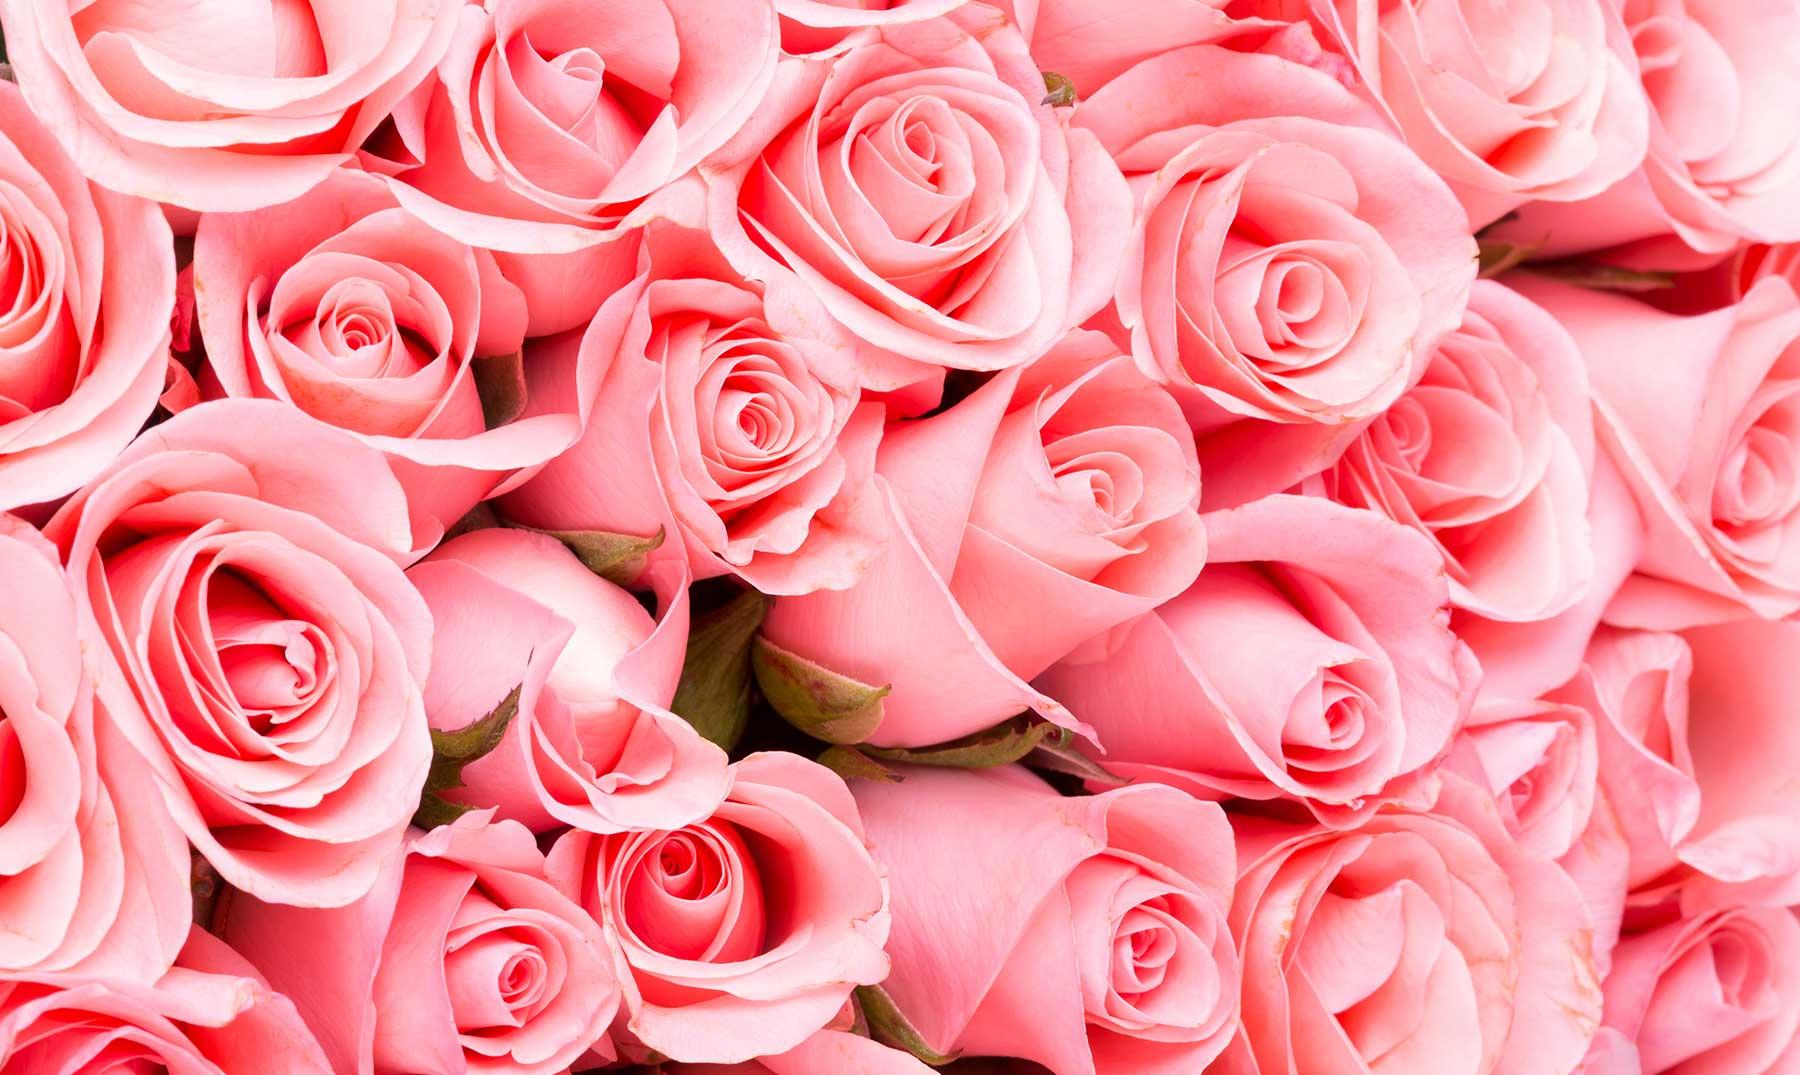 80 Frases De Rosas La Flores Del Amor Y El Respeto Imágenes